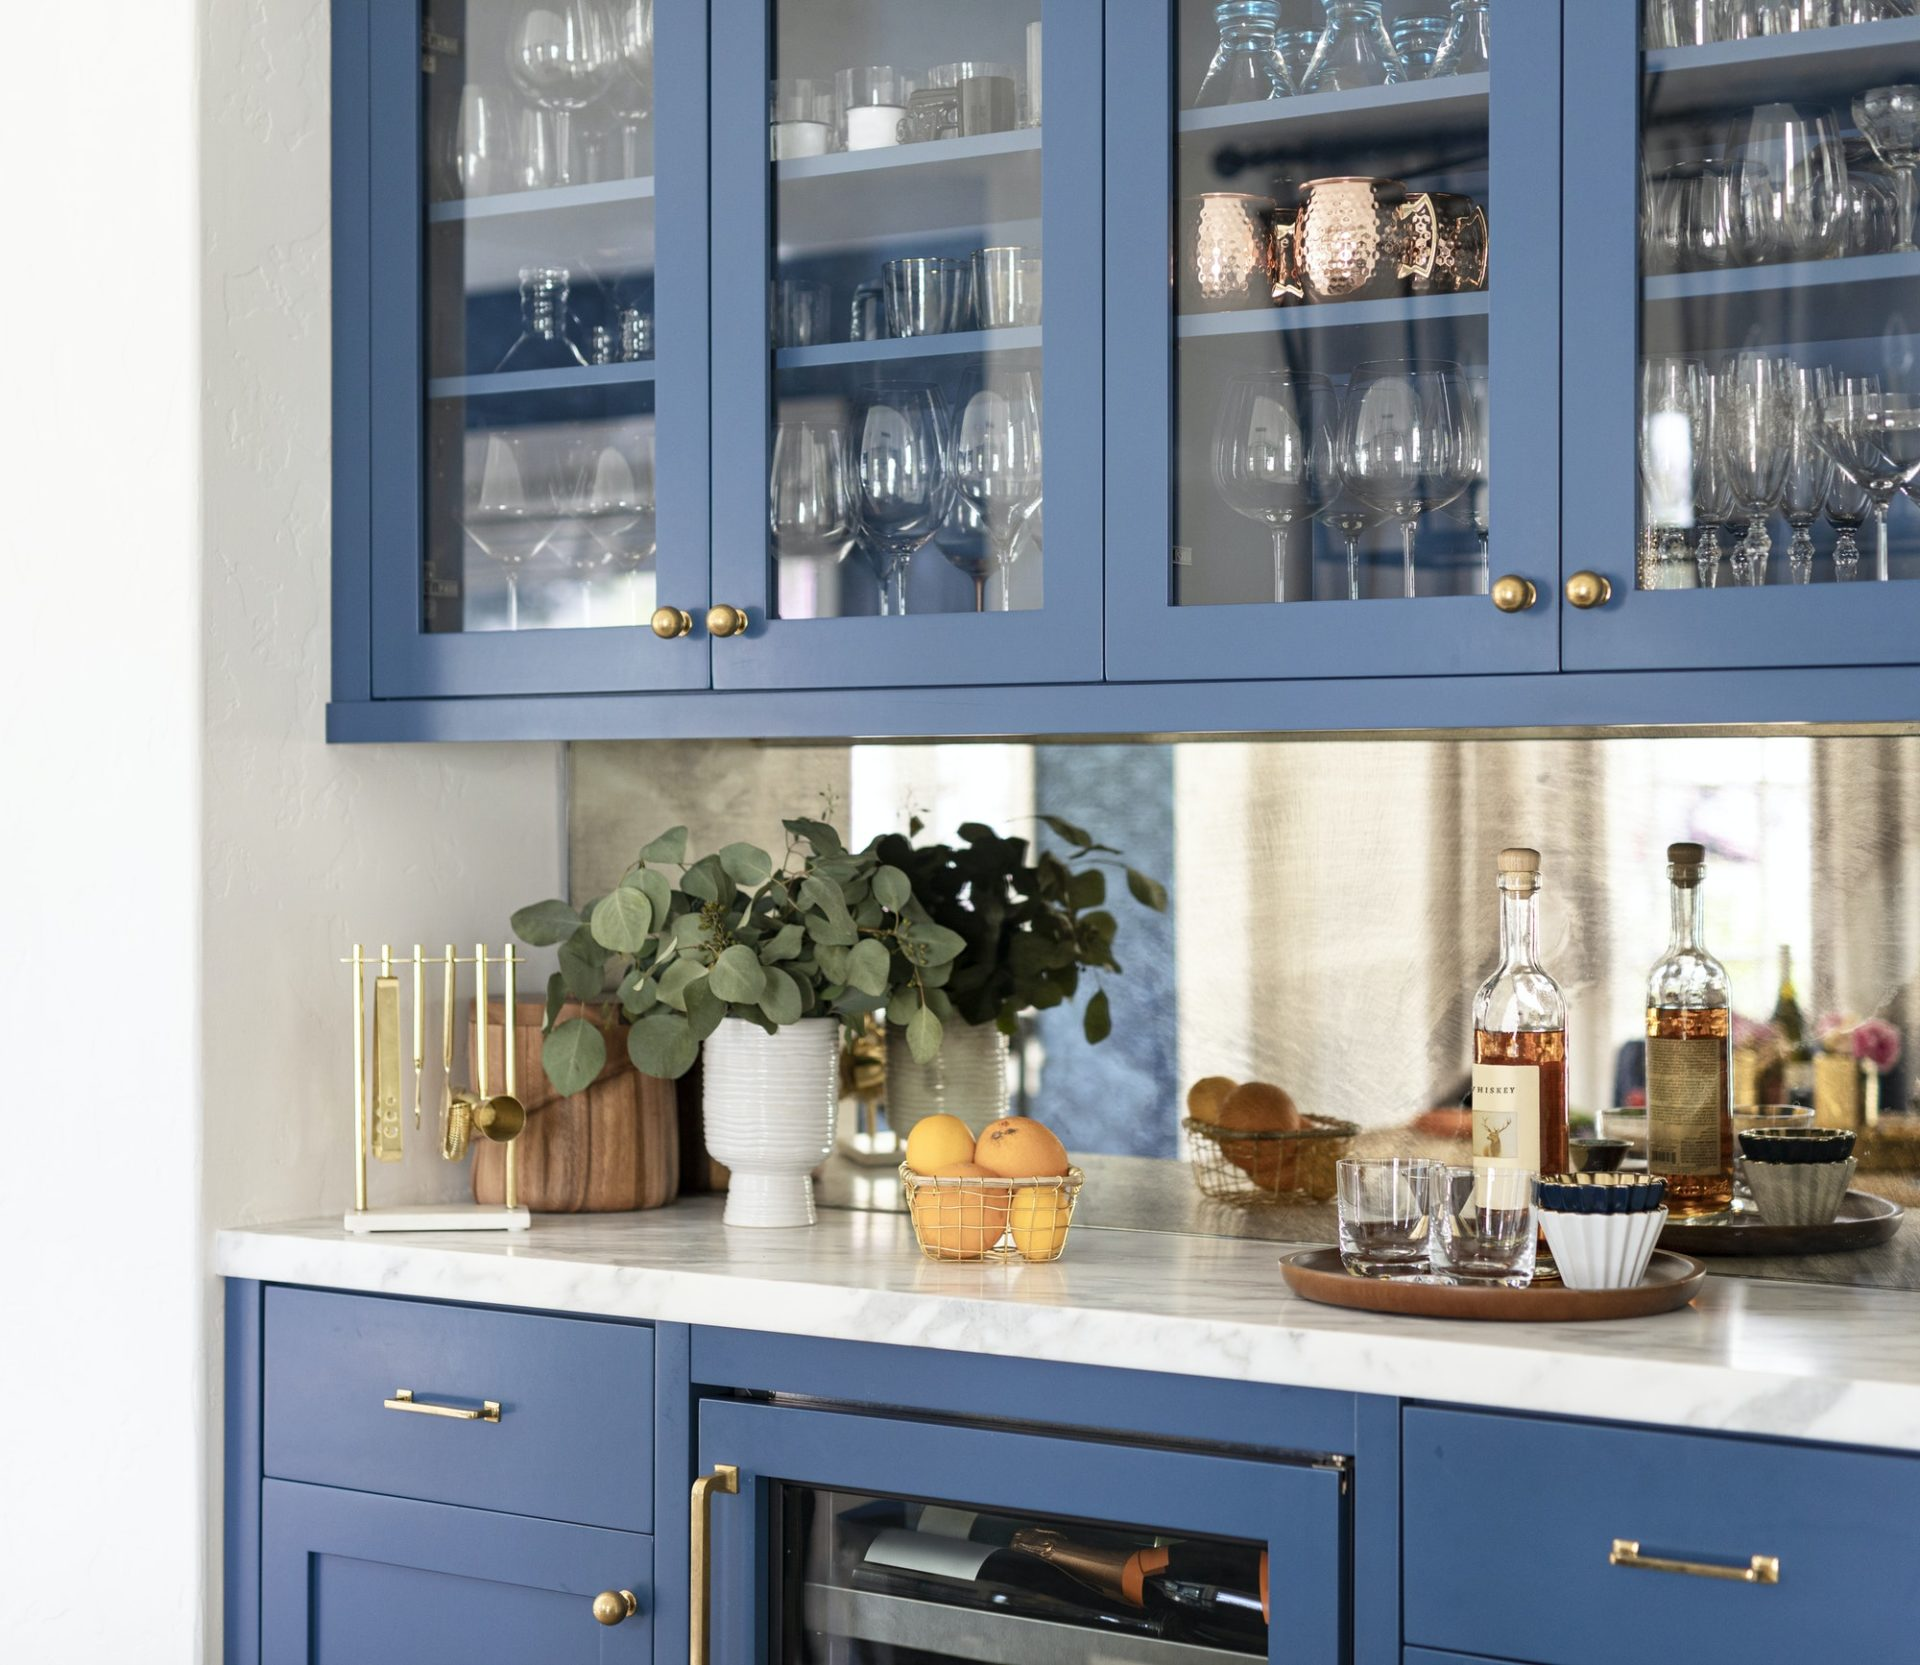 Kitchen cabinet with kitchenwares